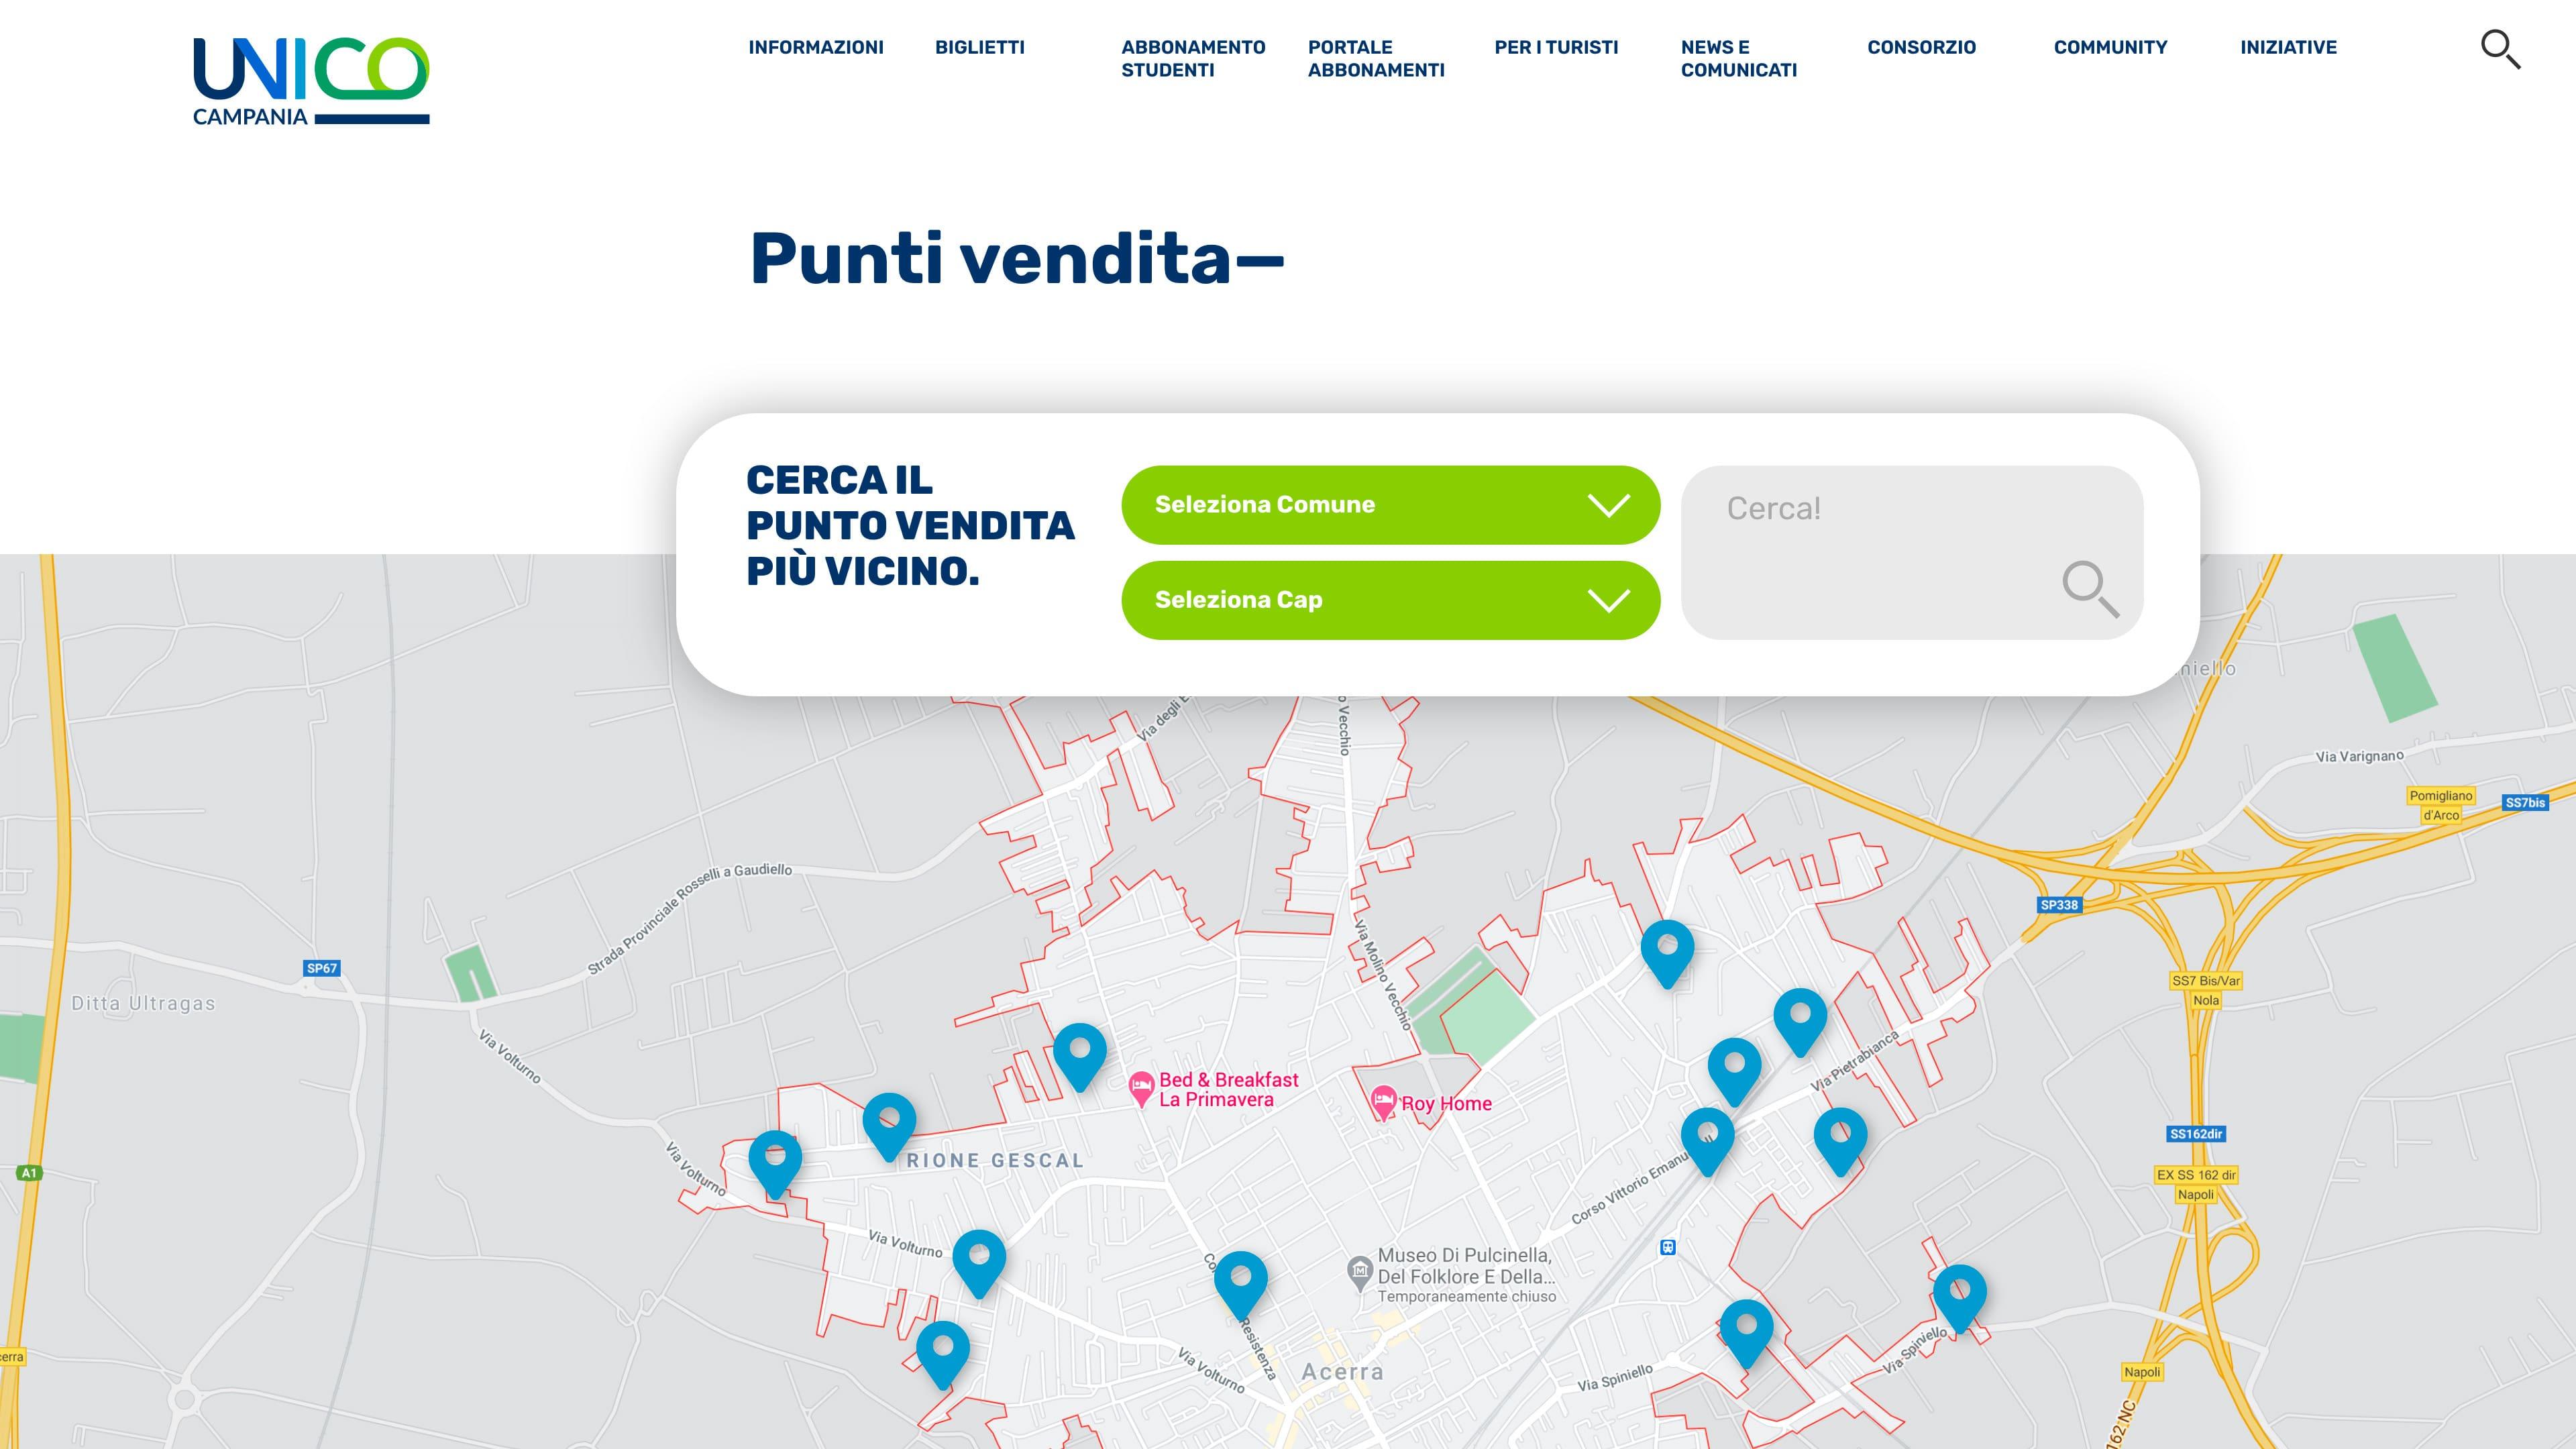 UnicoCampania-Punti-Vendita-Sito-web6@2x-min